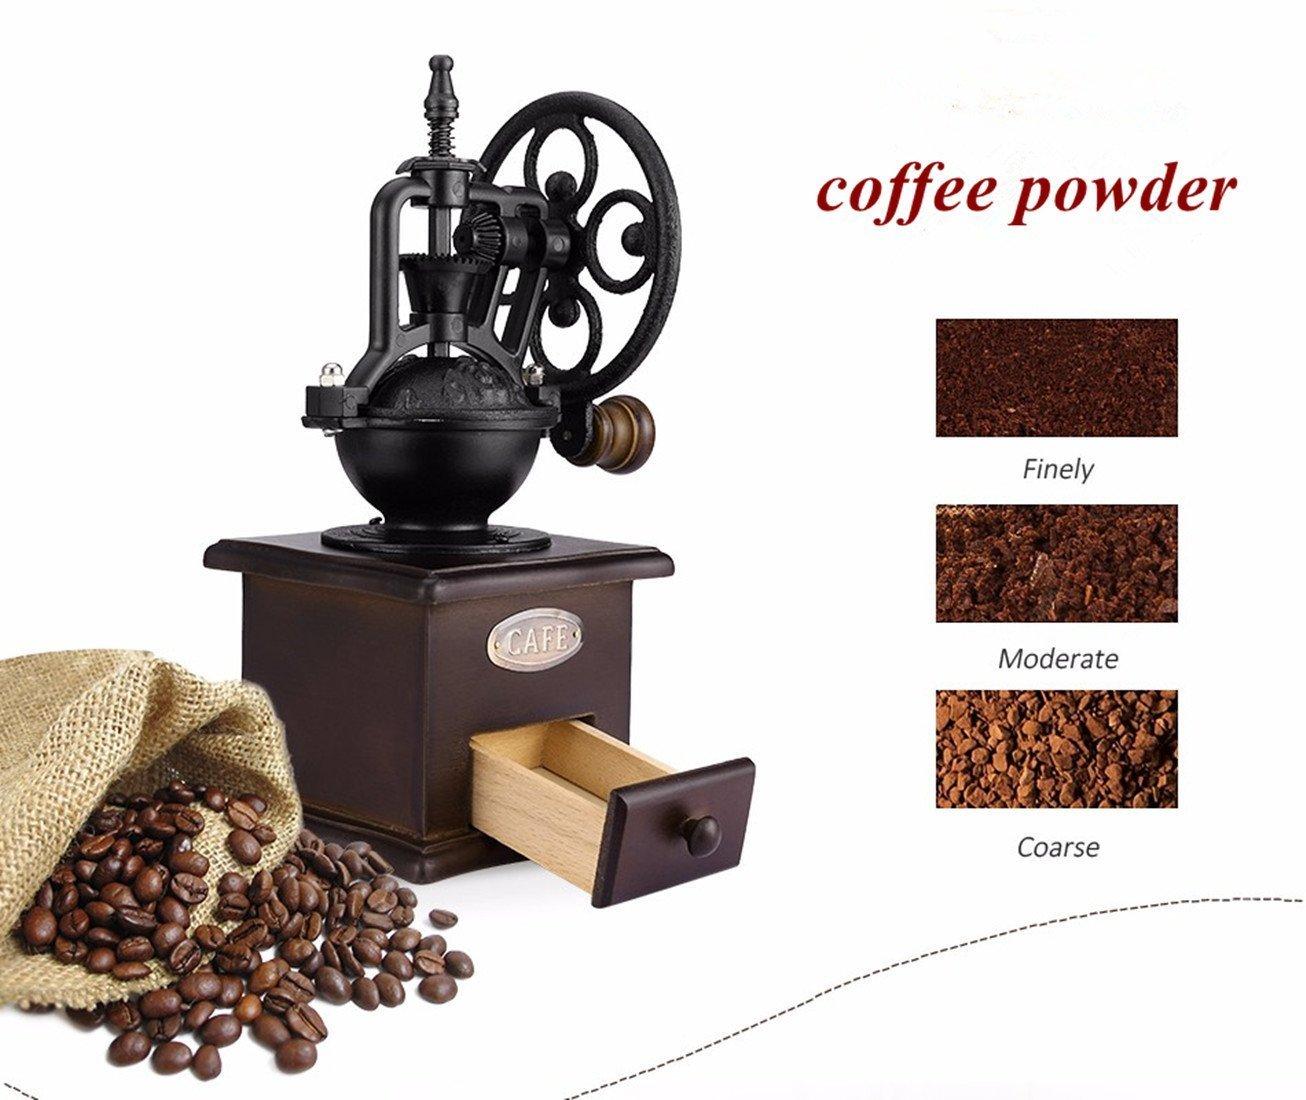 Fecihor Molinillo de Café Manual Vintage Mano Molinillo de Café Madera Estilo Máquina de Café para Café Espresso, Semilla, Especia, Pimienta: Amazon.es: ...